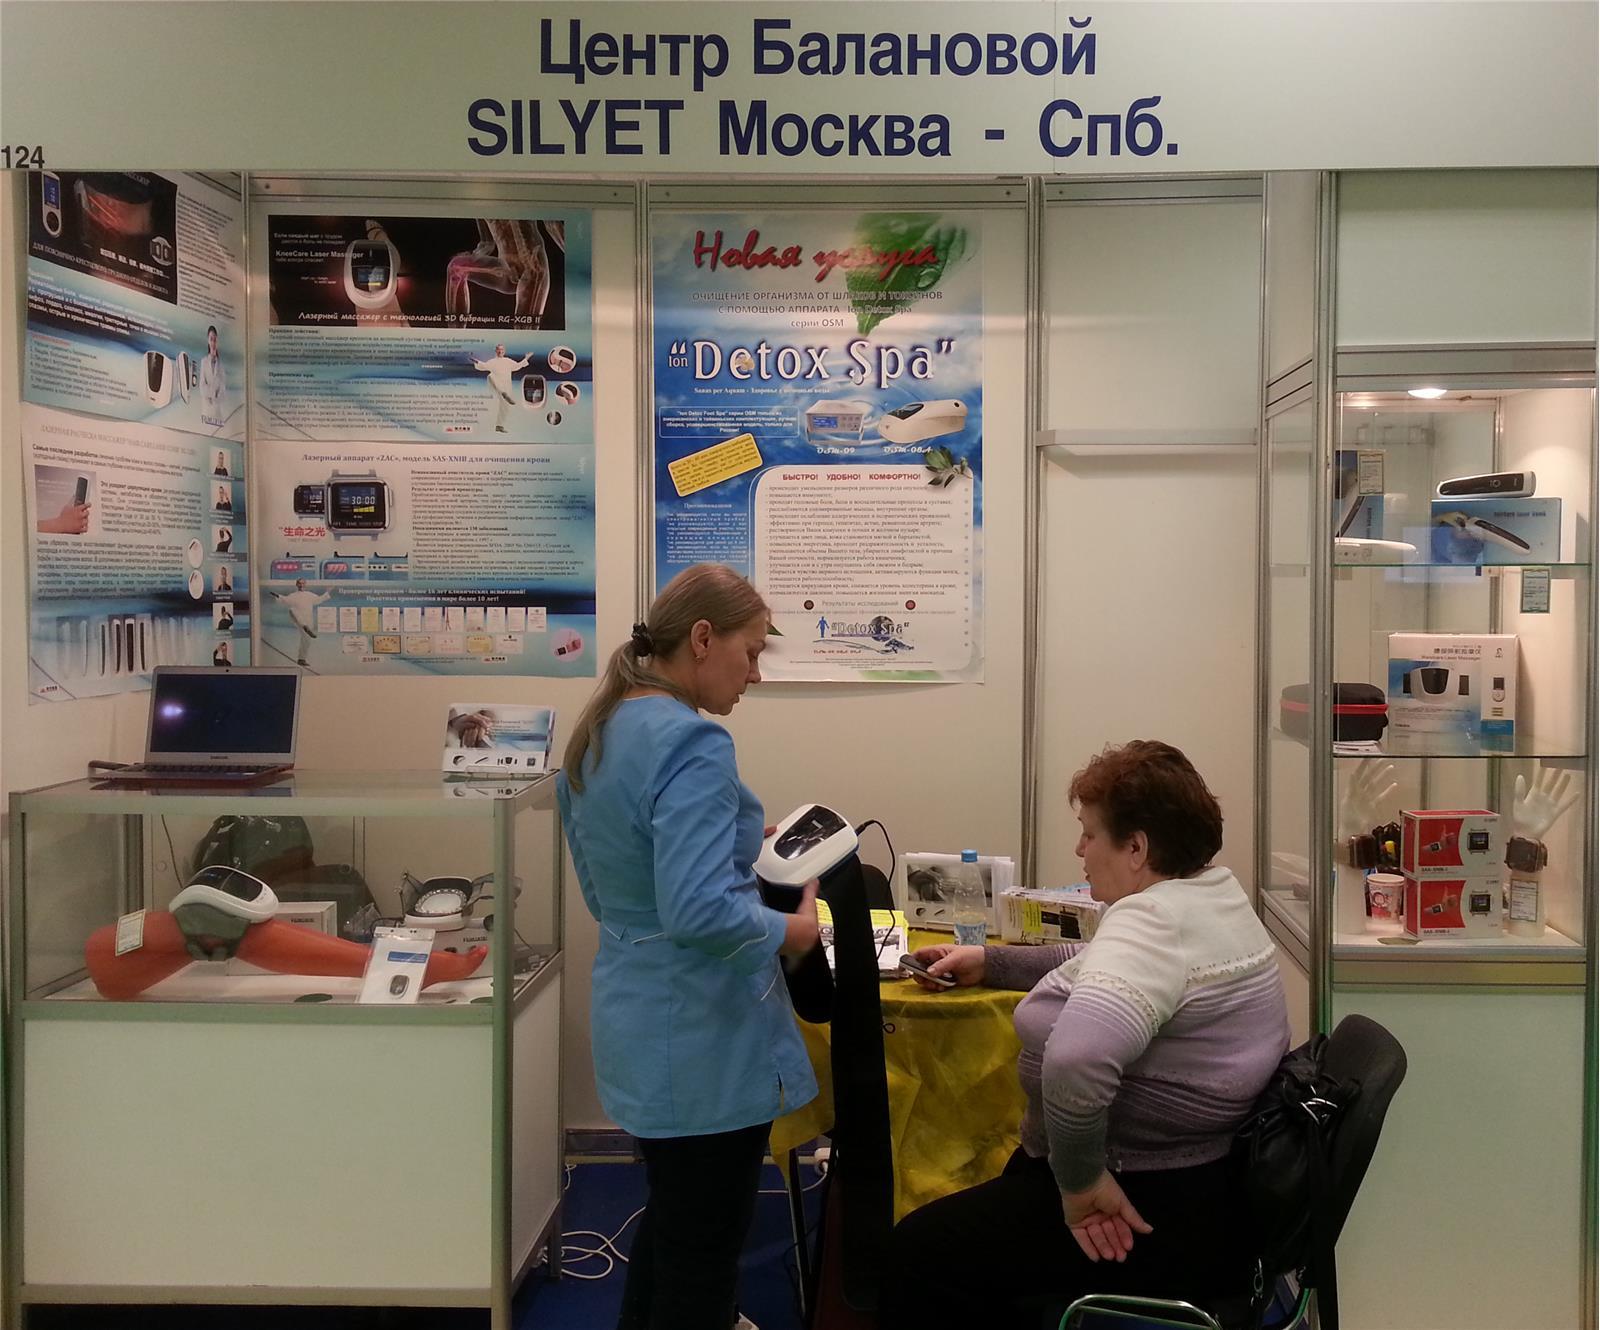 выставка здоровый образ жизни 2017 москва